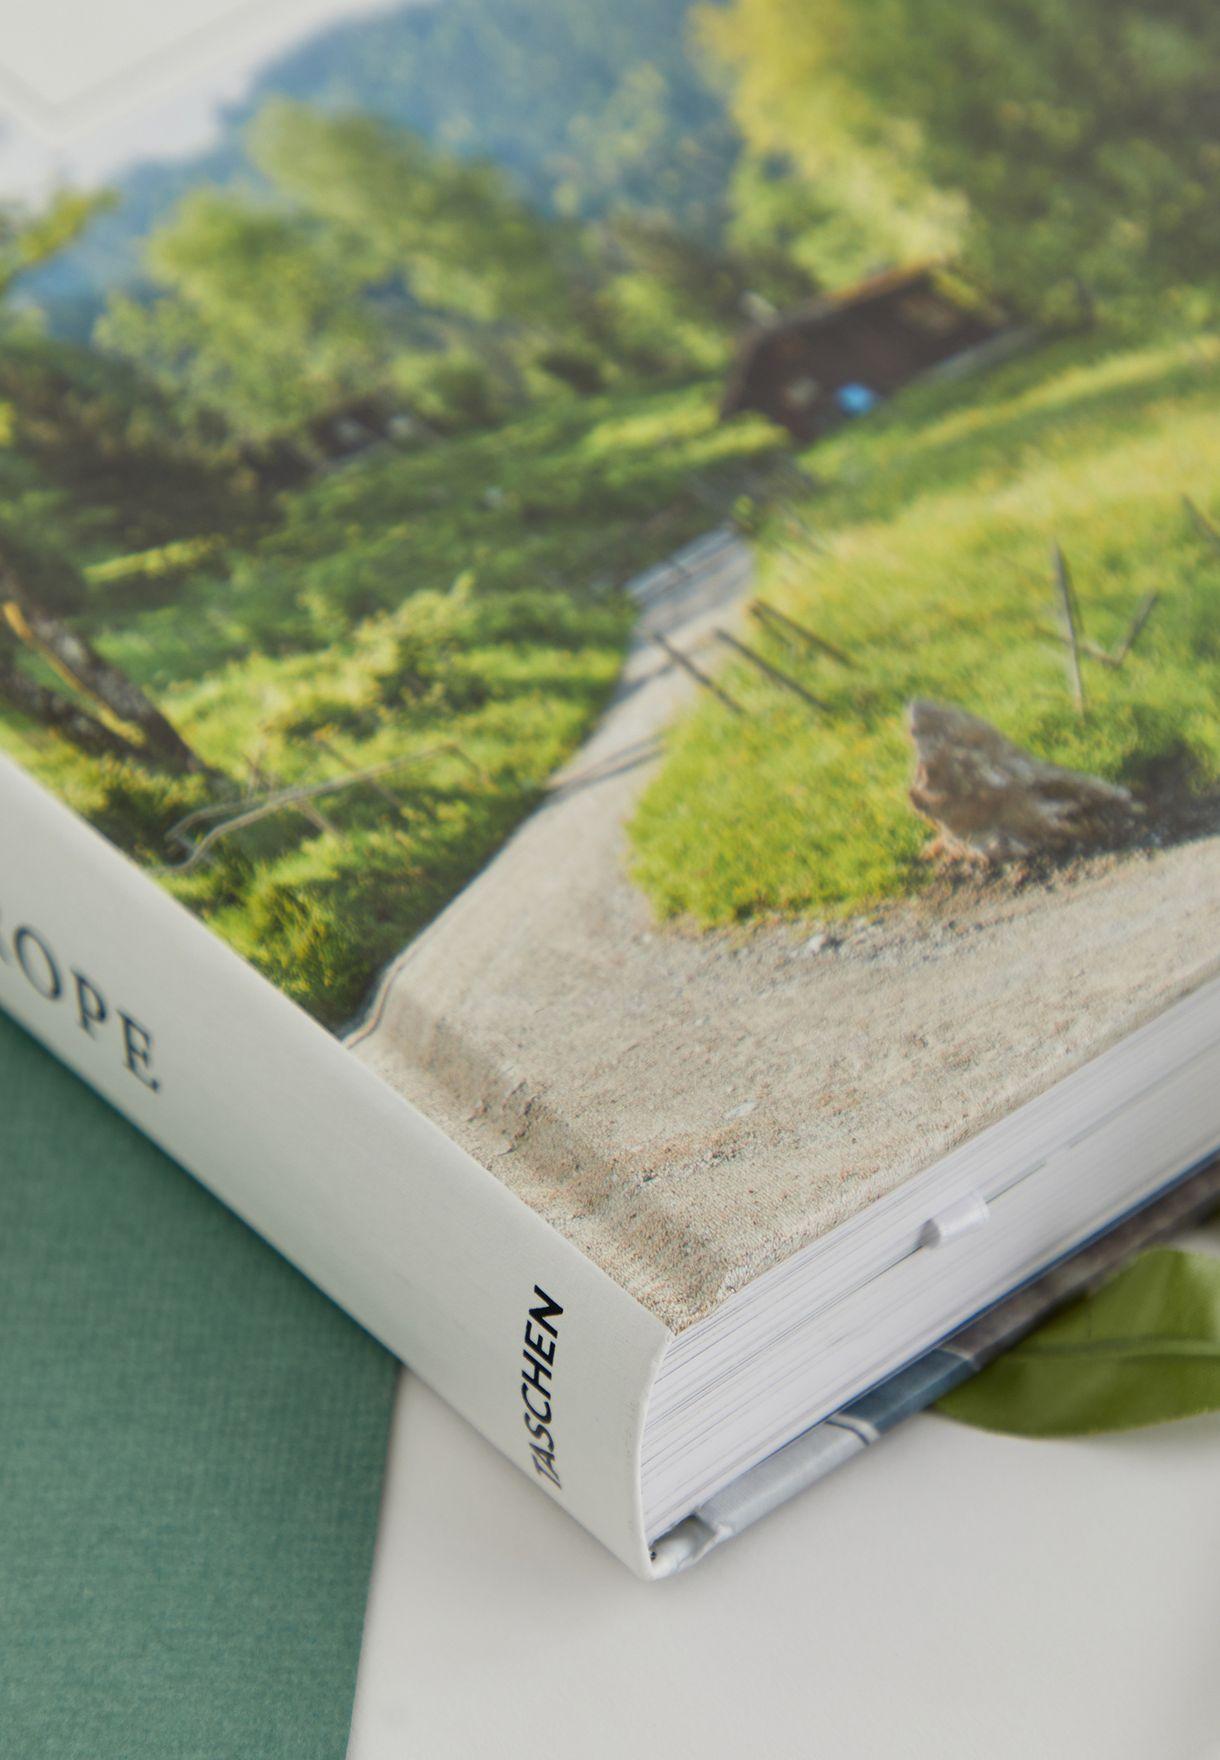 كتاب محدّث عن اجمل الاماكن في اوروبا